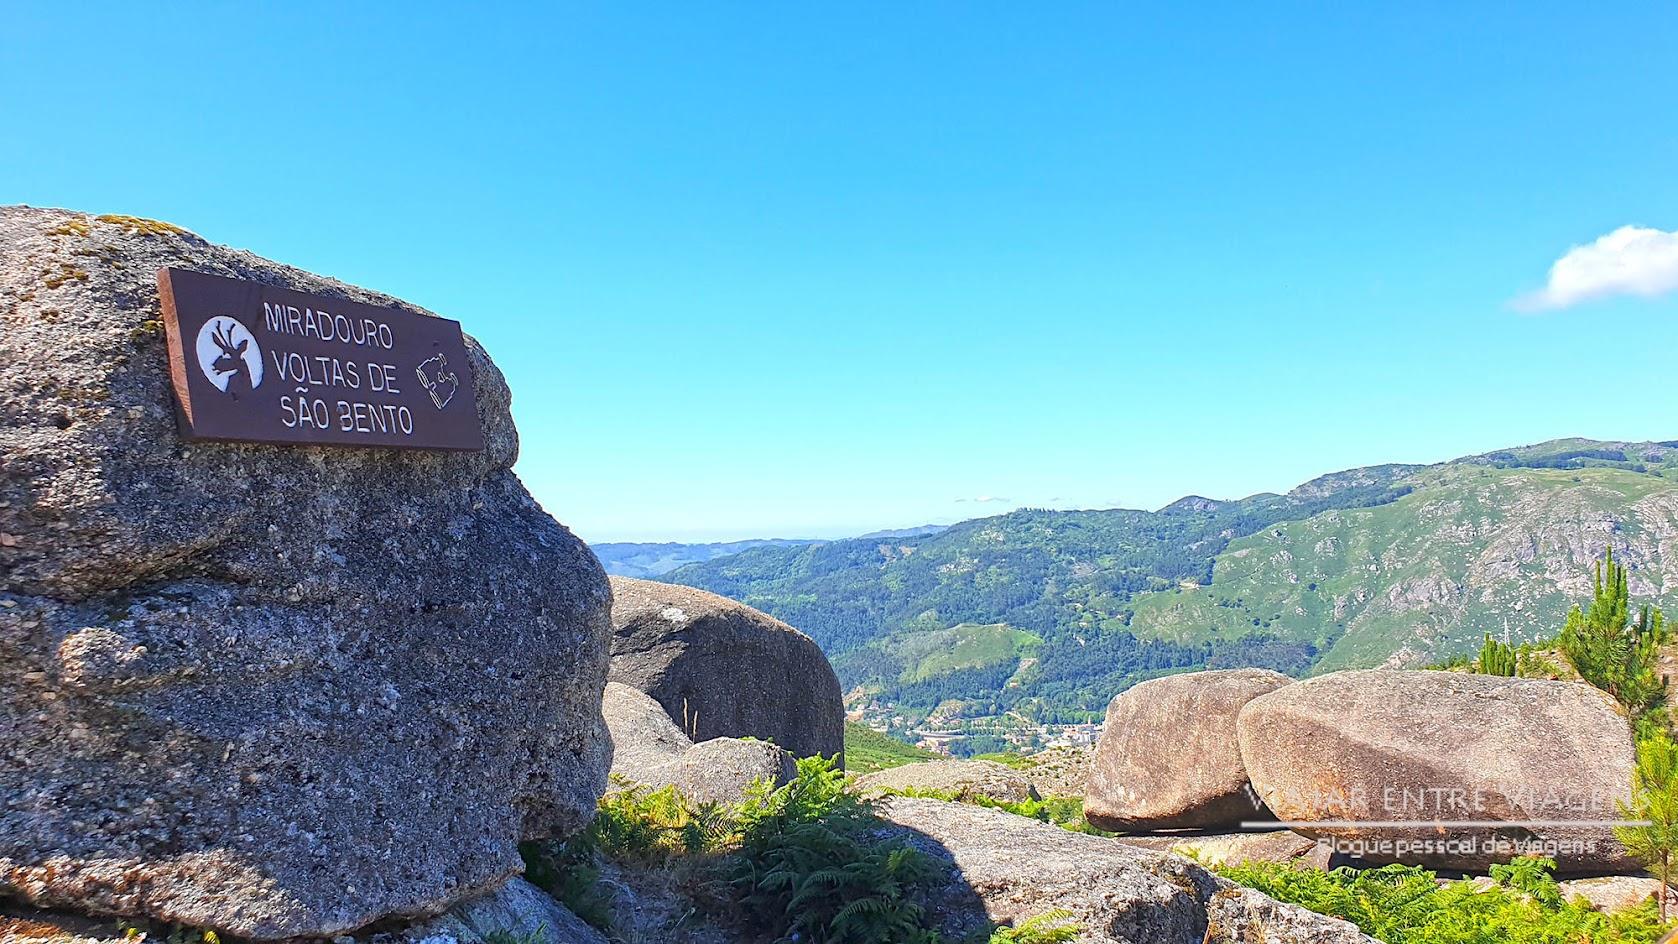 TRILHO DOS MIRADOUROS DO GERÊS - PR6   Um trilho para conhecer as meias belas vistas panorâmicas da Serra do Gerês